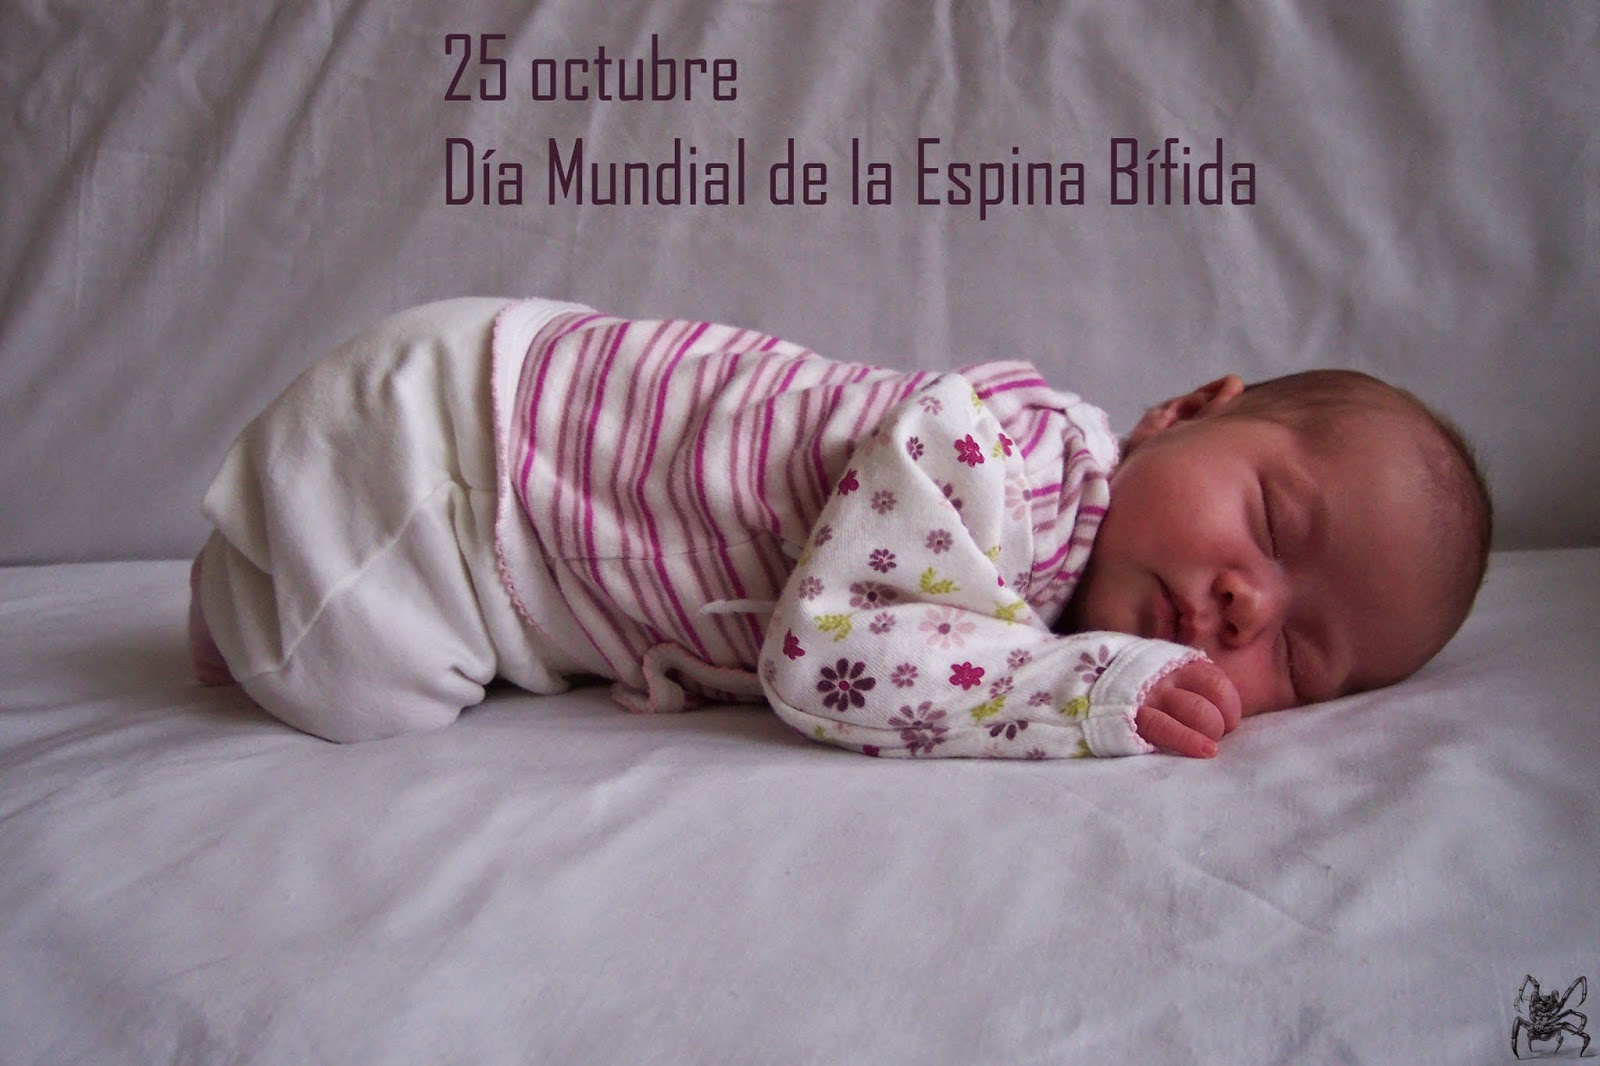 El 25 de octubre es el día mundial de la espina bífida